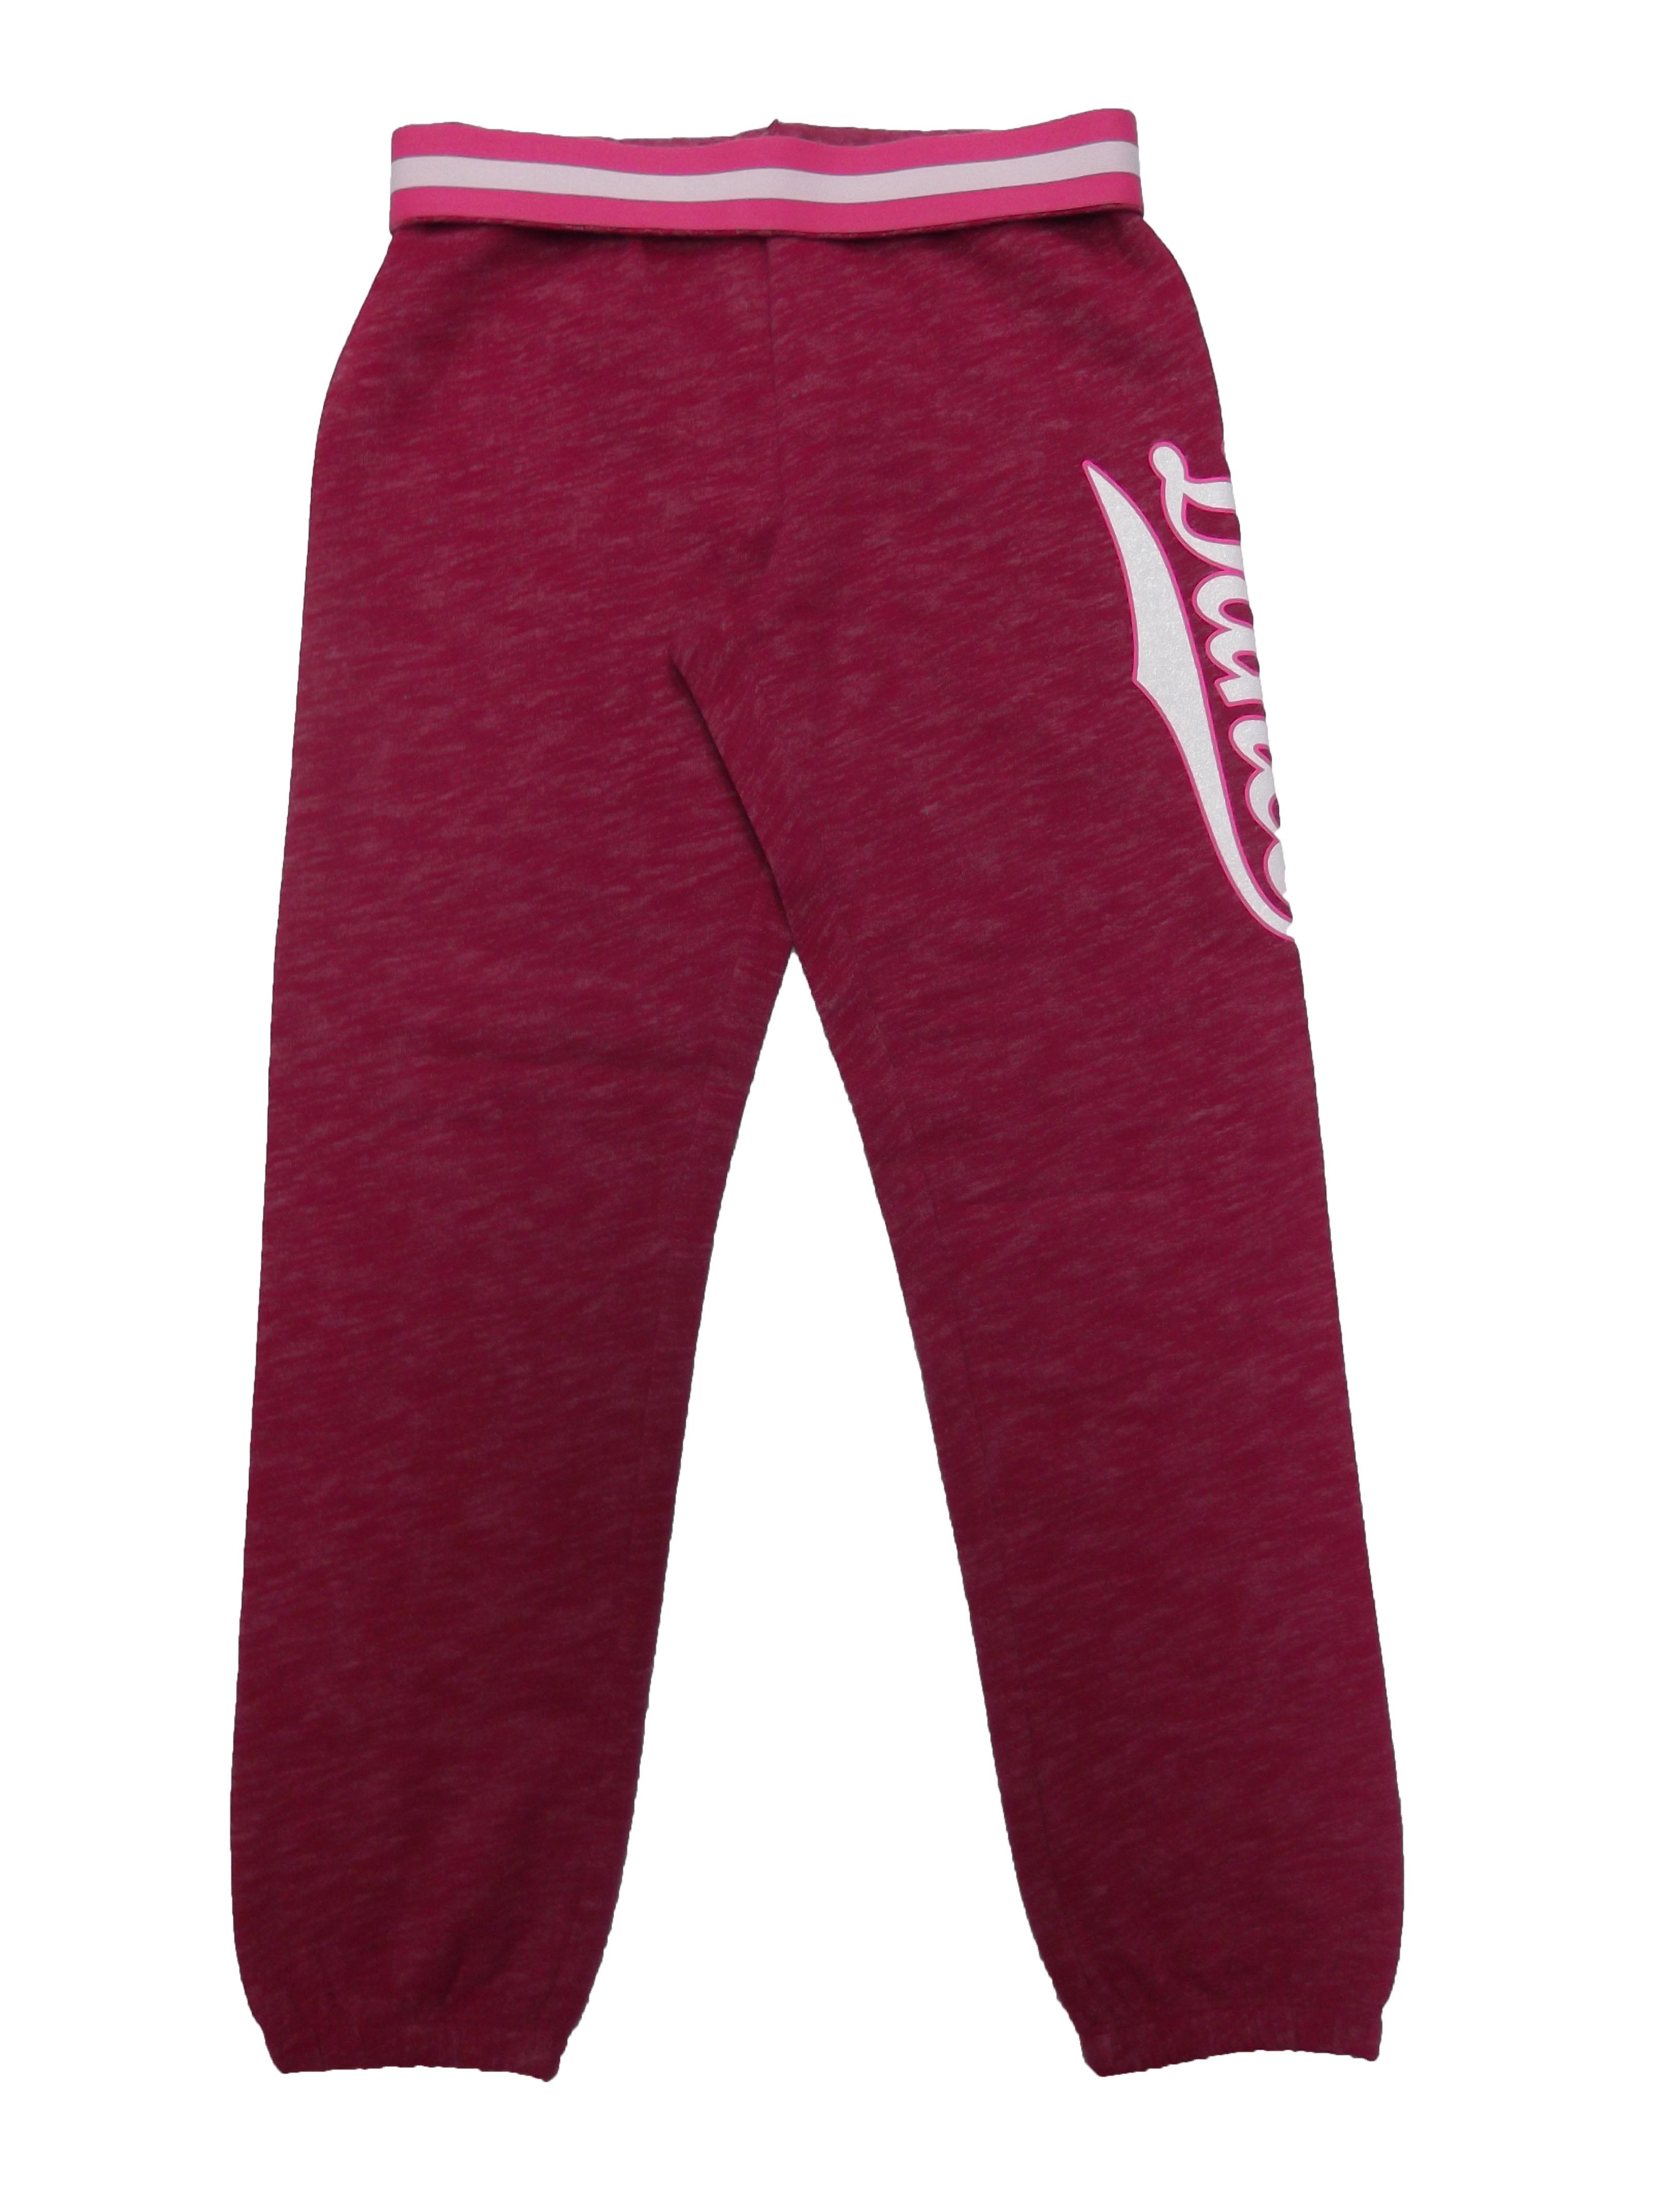 Danksin Now Girls Graphic Fleece Jogger